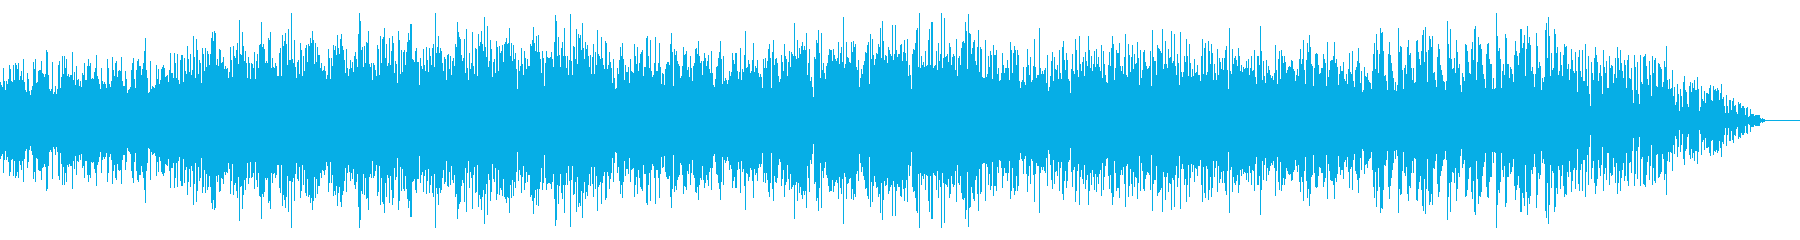 ダークな雰囲気のドラムンベースの再生済みの波形